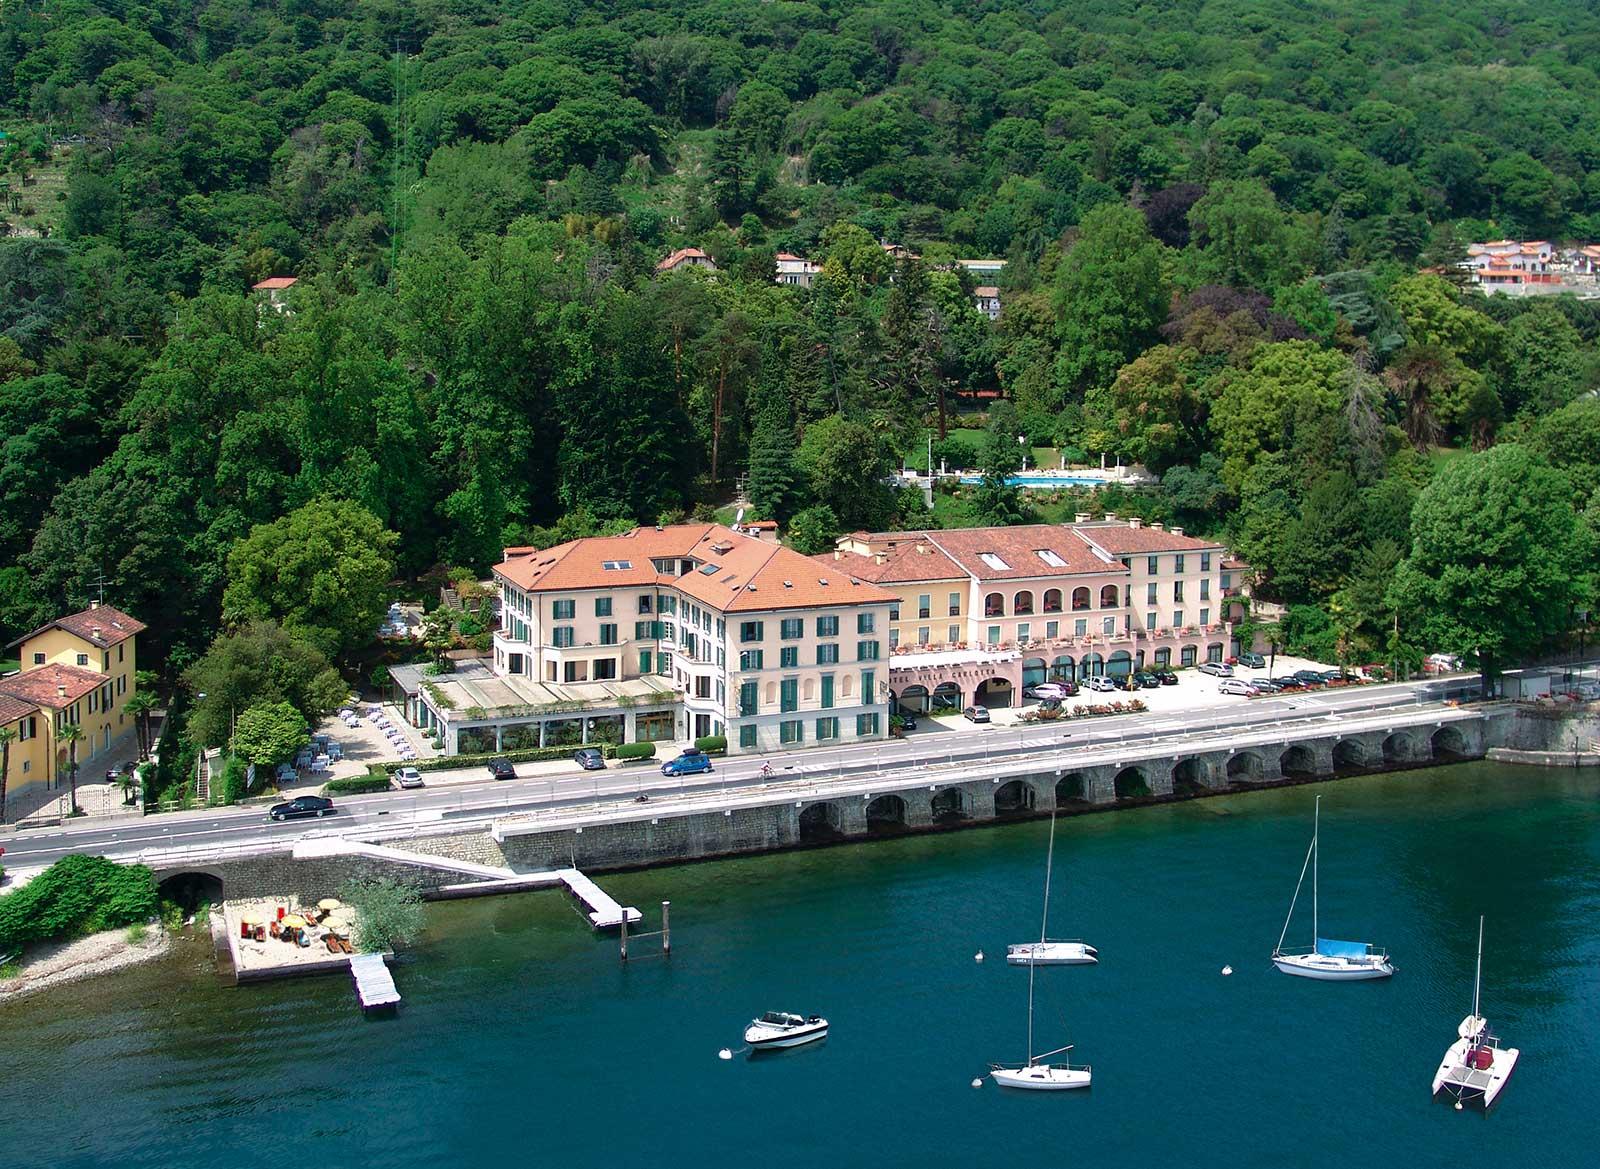 Capodanno lago maggiore for Designhotel lago maggiore